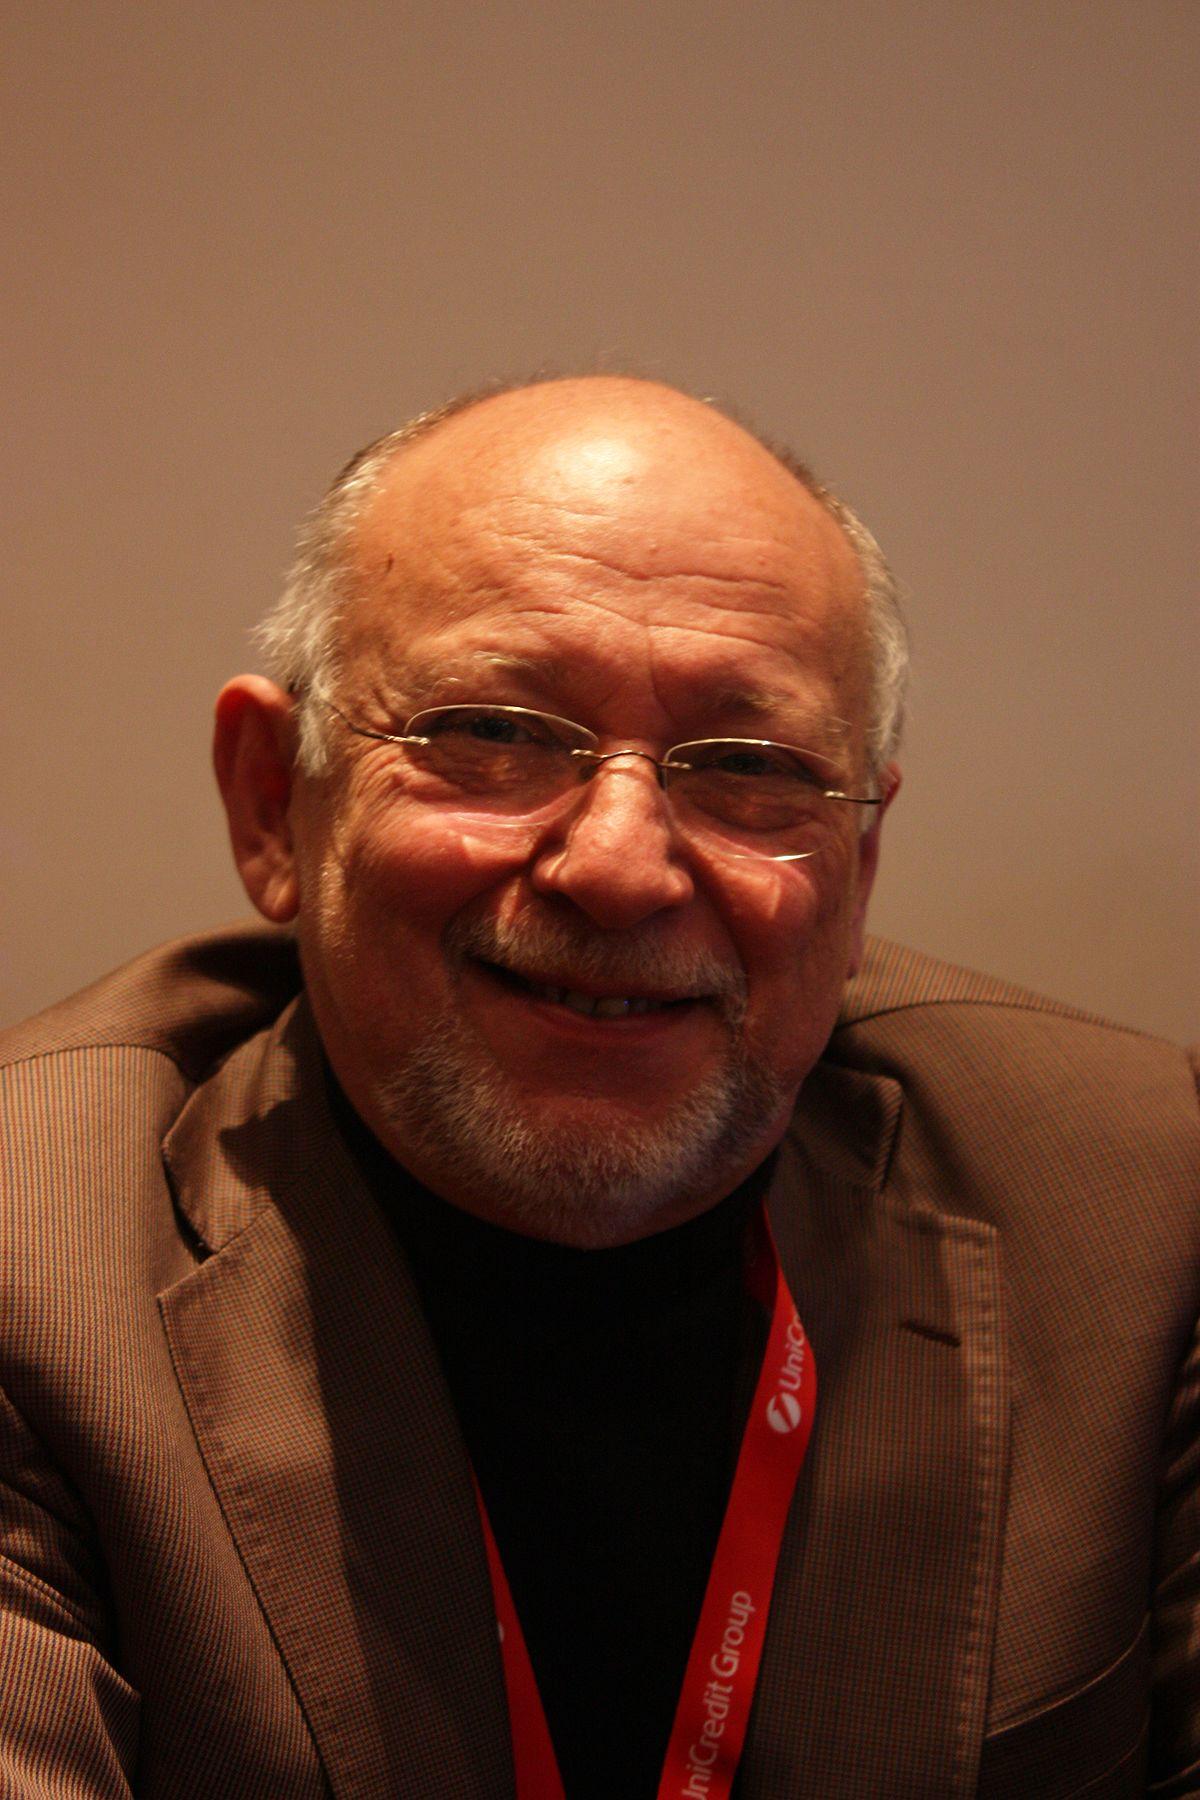 Vittorio zucconi wikiquote for Il divo wikiquote